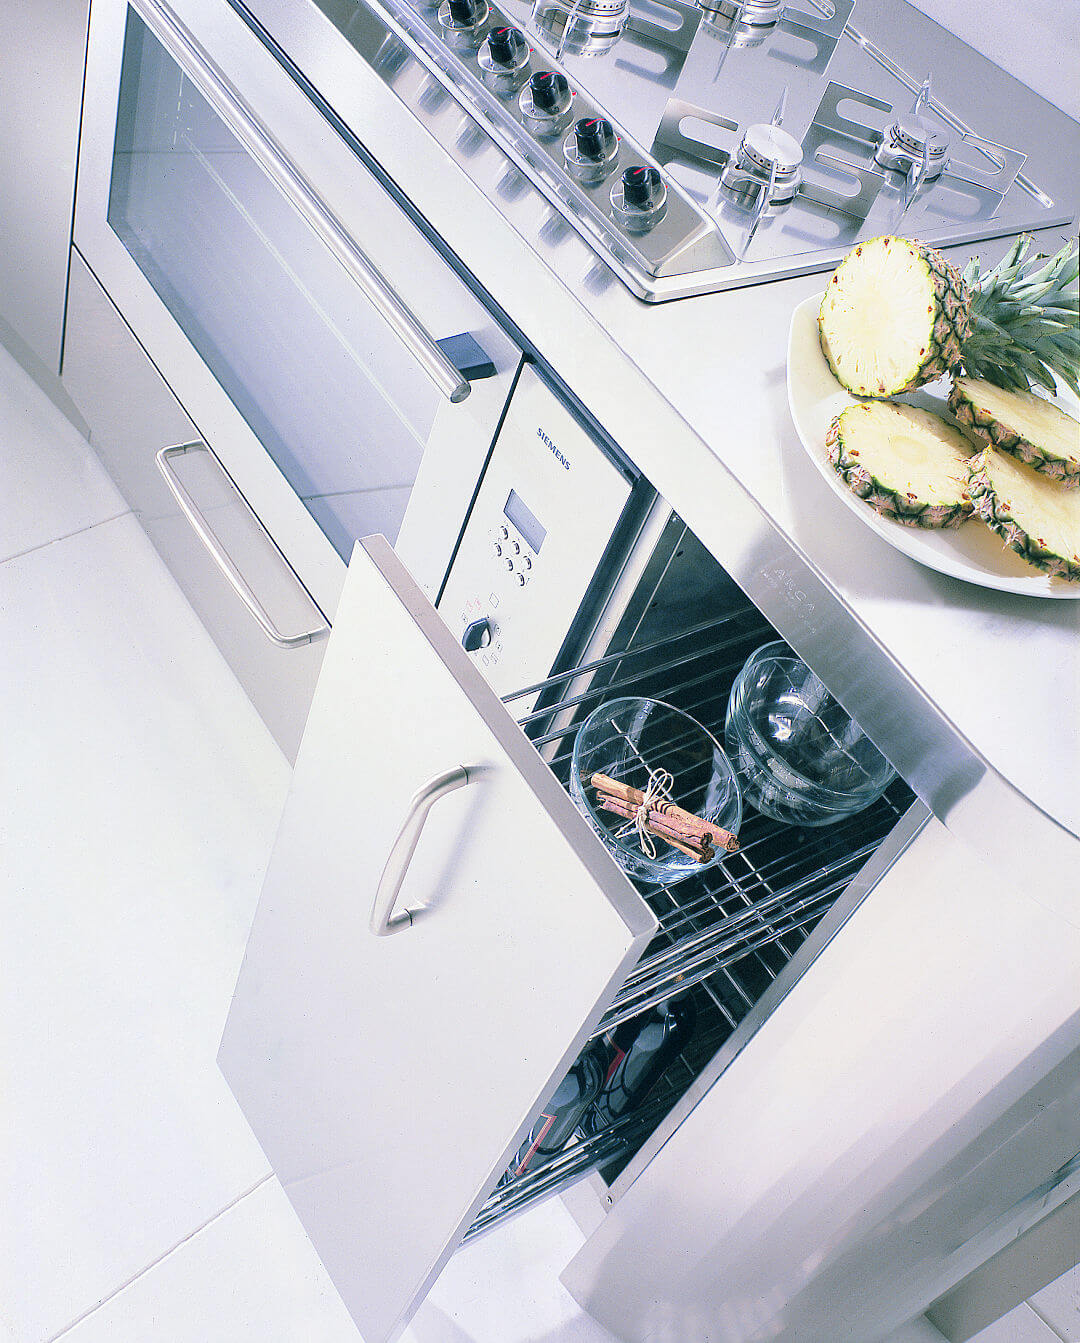 Arca Cucine Italia - Cucina Domestica in Acciaio Inox e Vetro - Wagon - Colonnina Spezie